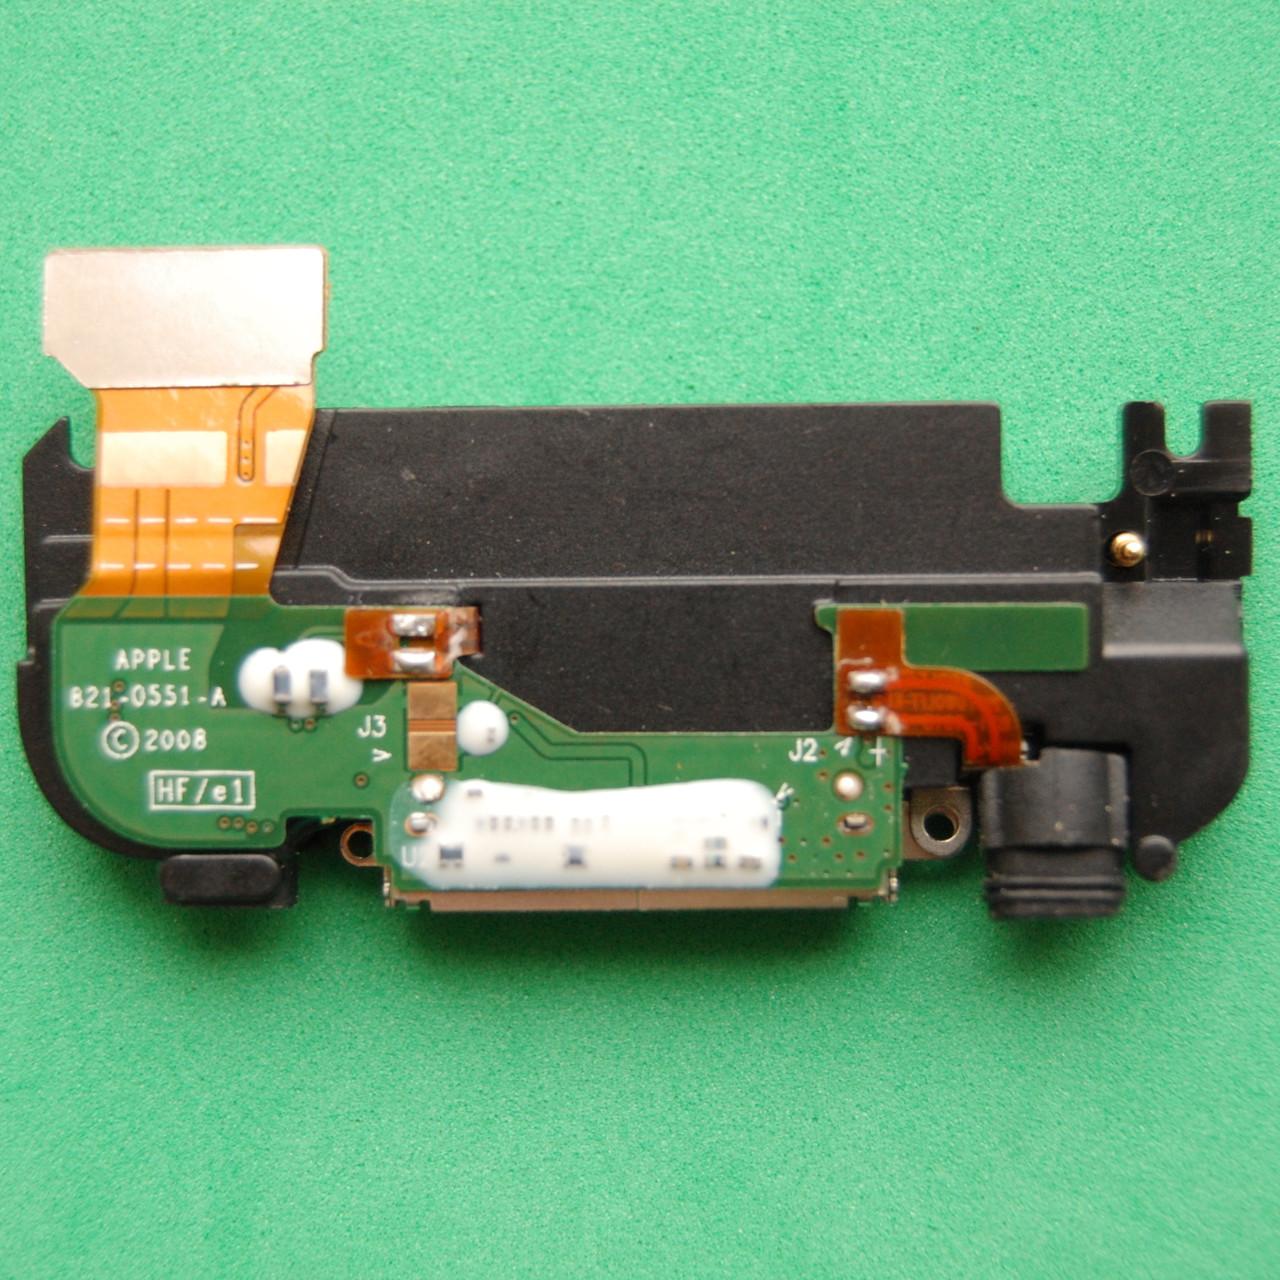 Шлейф для Apple iPhone 3g коннектора зарядки, антенны, с компонентами, полный комплект, со звонком white